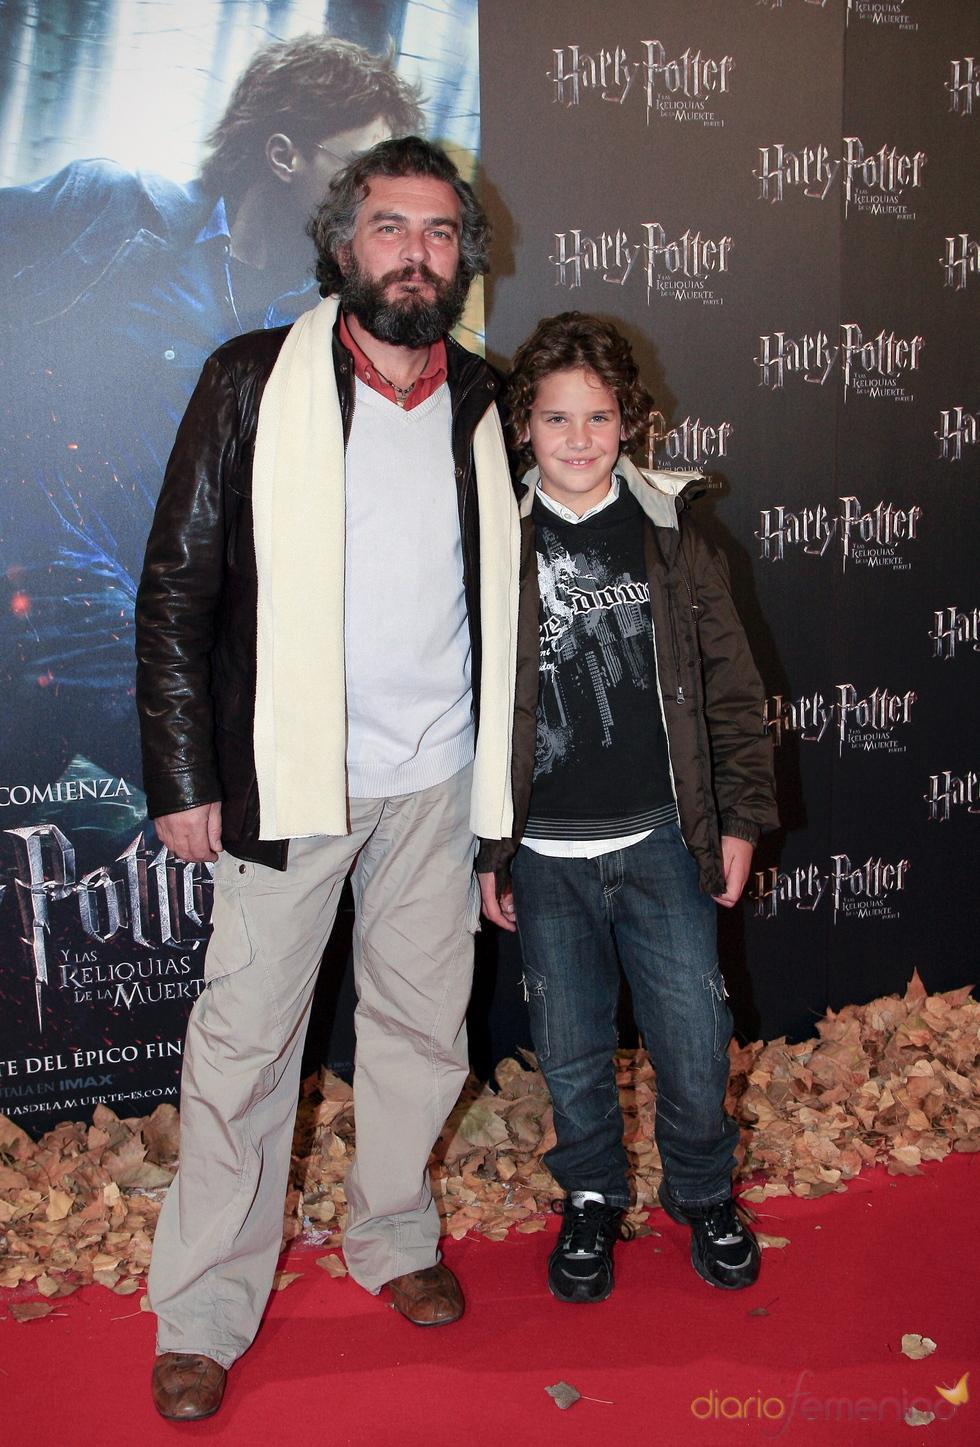 Luis Fernando Alves en el estreno de 'Harry Potter y las reliquias de la muerte'